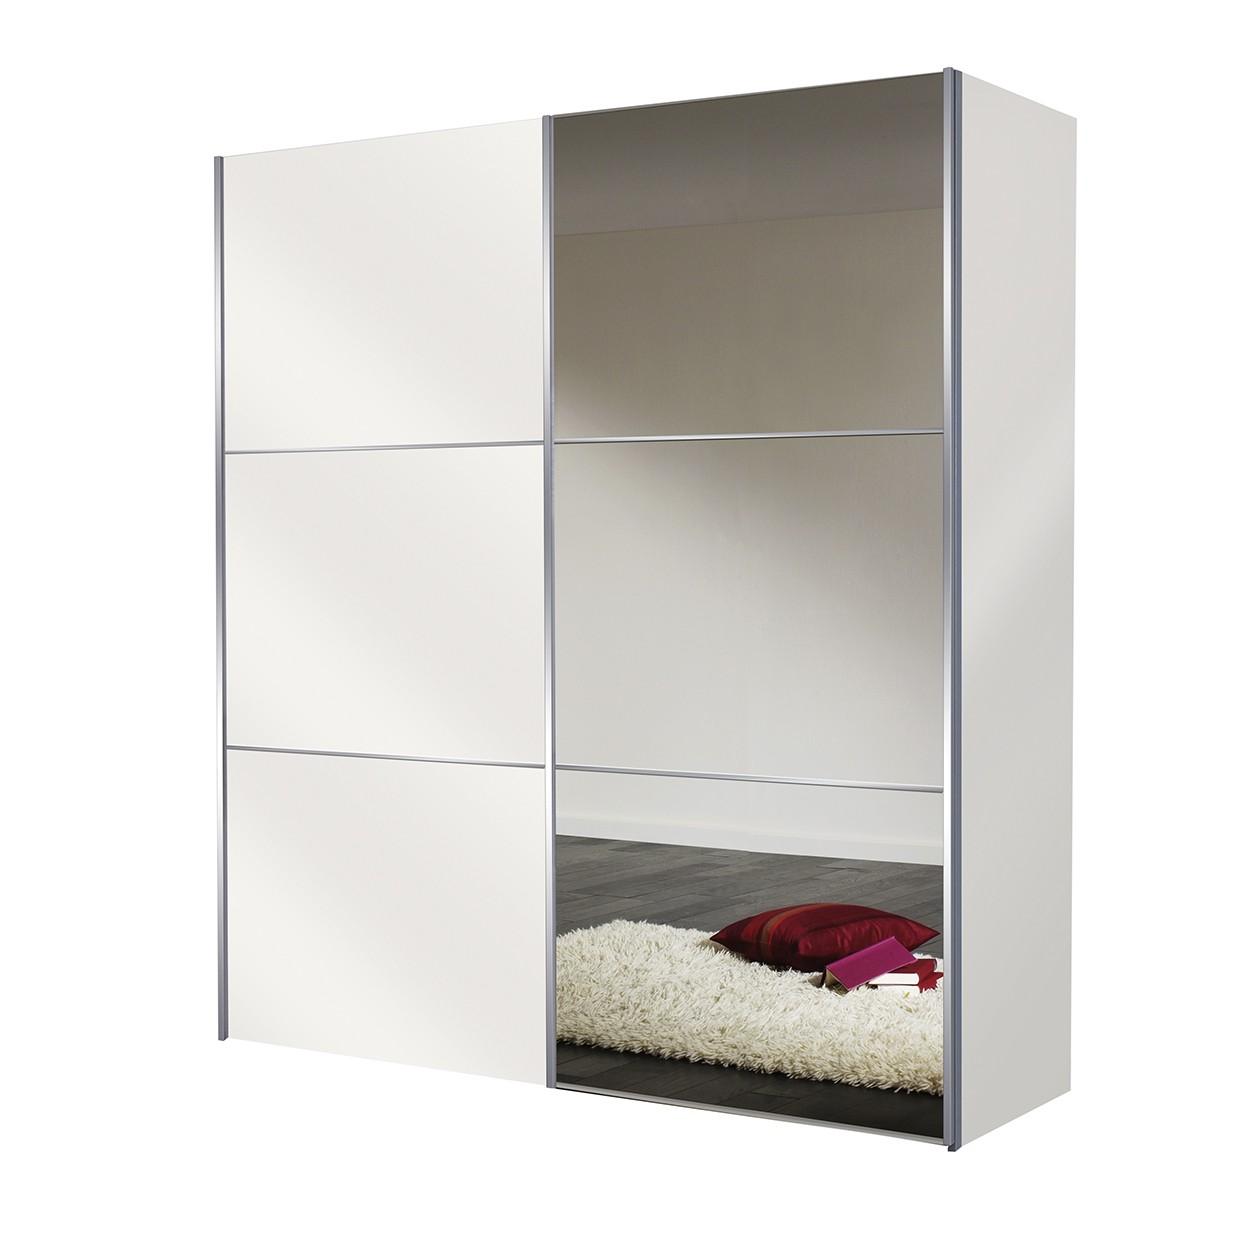 schwebet renschrank ruby mit spiegel wei solutions. Black Bedroom Furniture Sets. Home Design Ideas